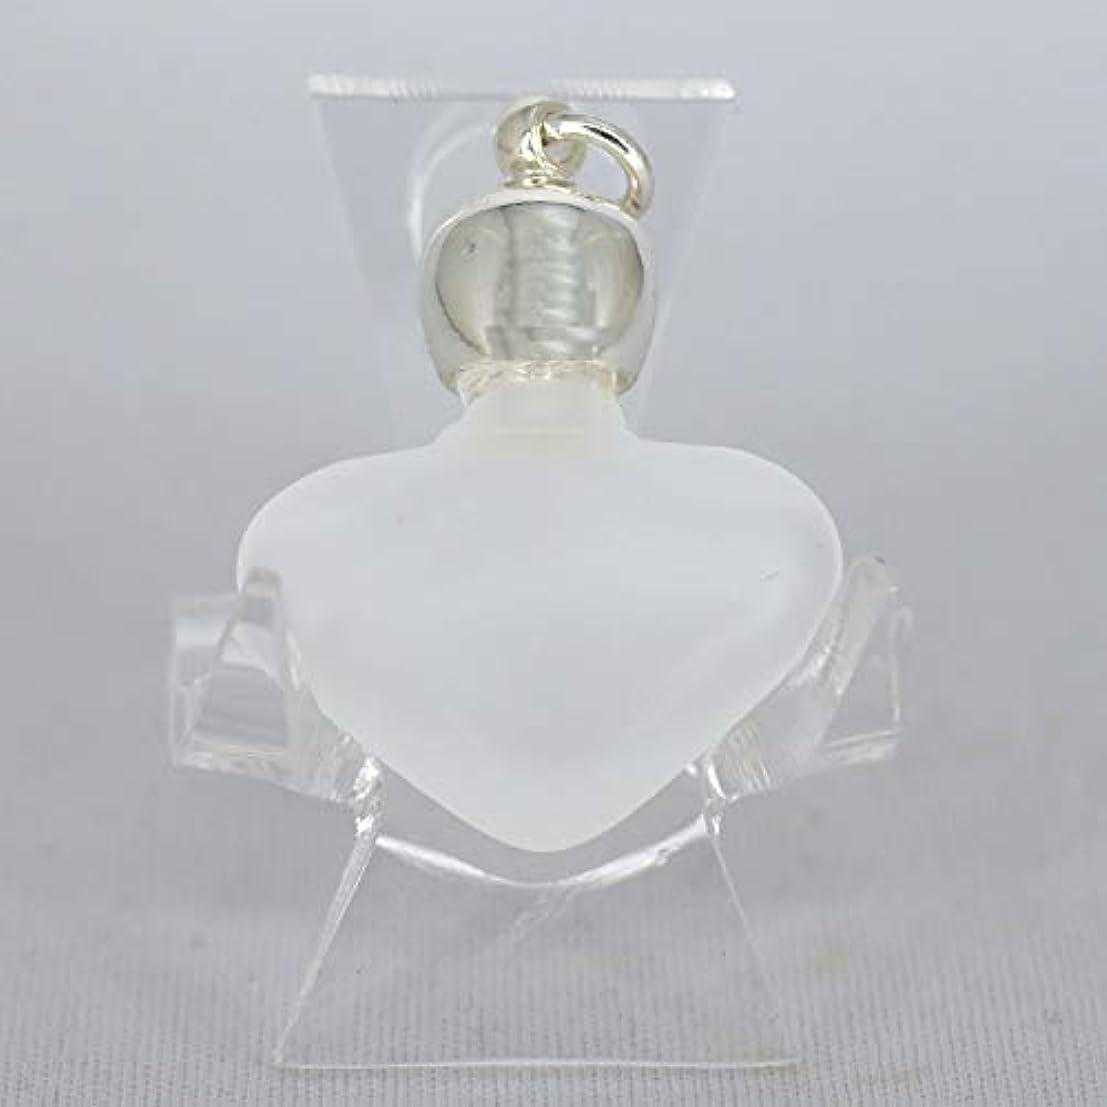 ミニ香水瓶 アロマペンダントトップ ハートフロスト(すりガラス)0.8ml?シルバー?穴あきキャップ、パッキン付属【アロマオイル?メモリーオイル入れにオススメ】